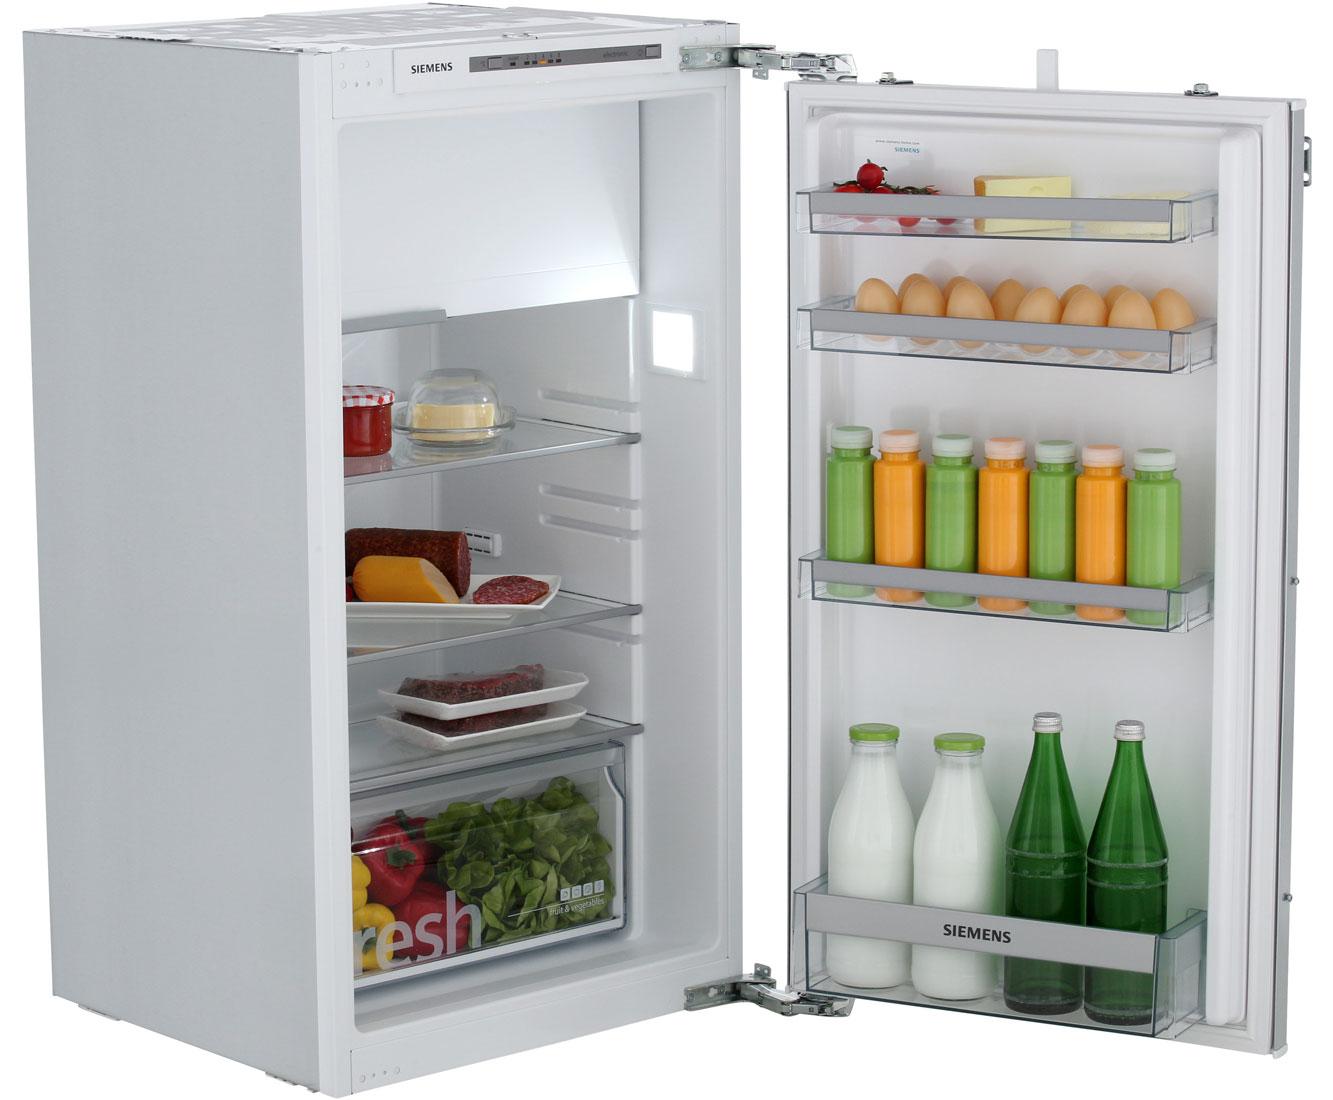 Kühlschrank Siemens : Siemens iq ki lvf einbau kühlschrank mit gefrierfach er